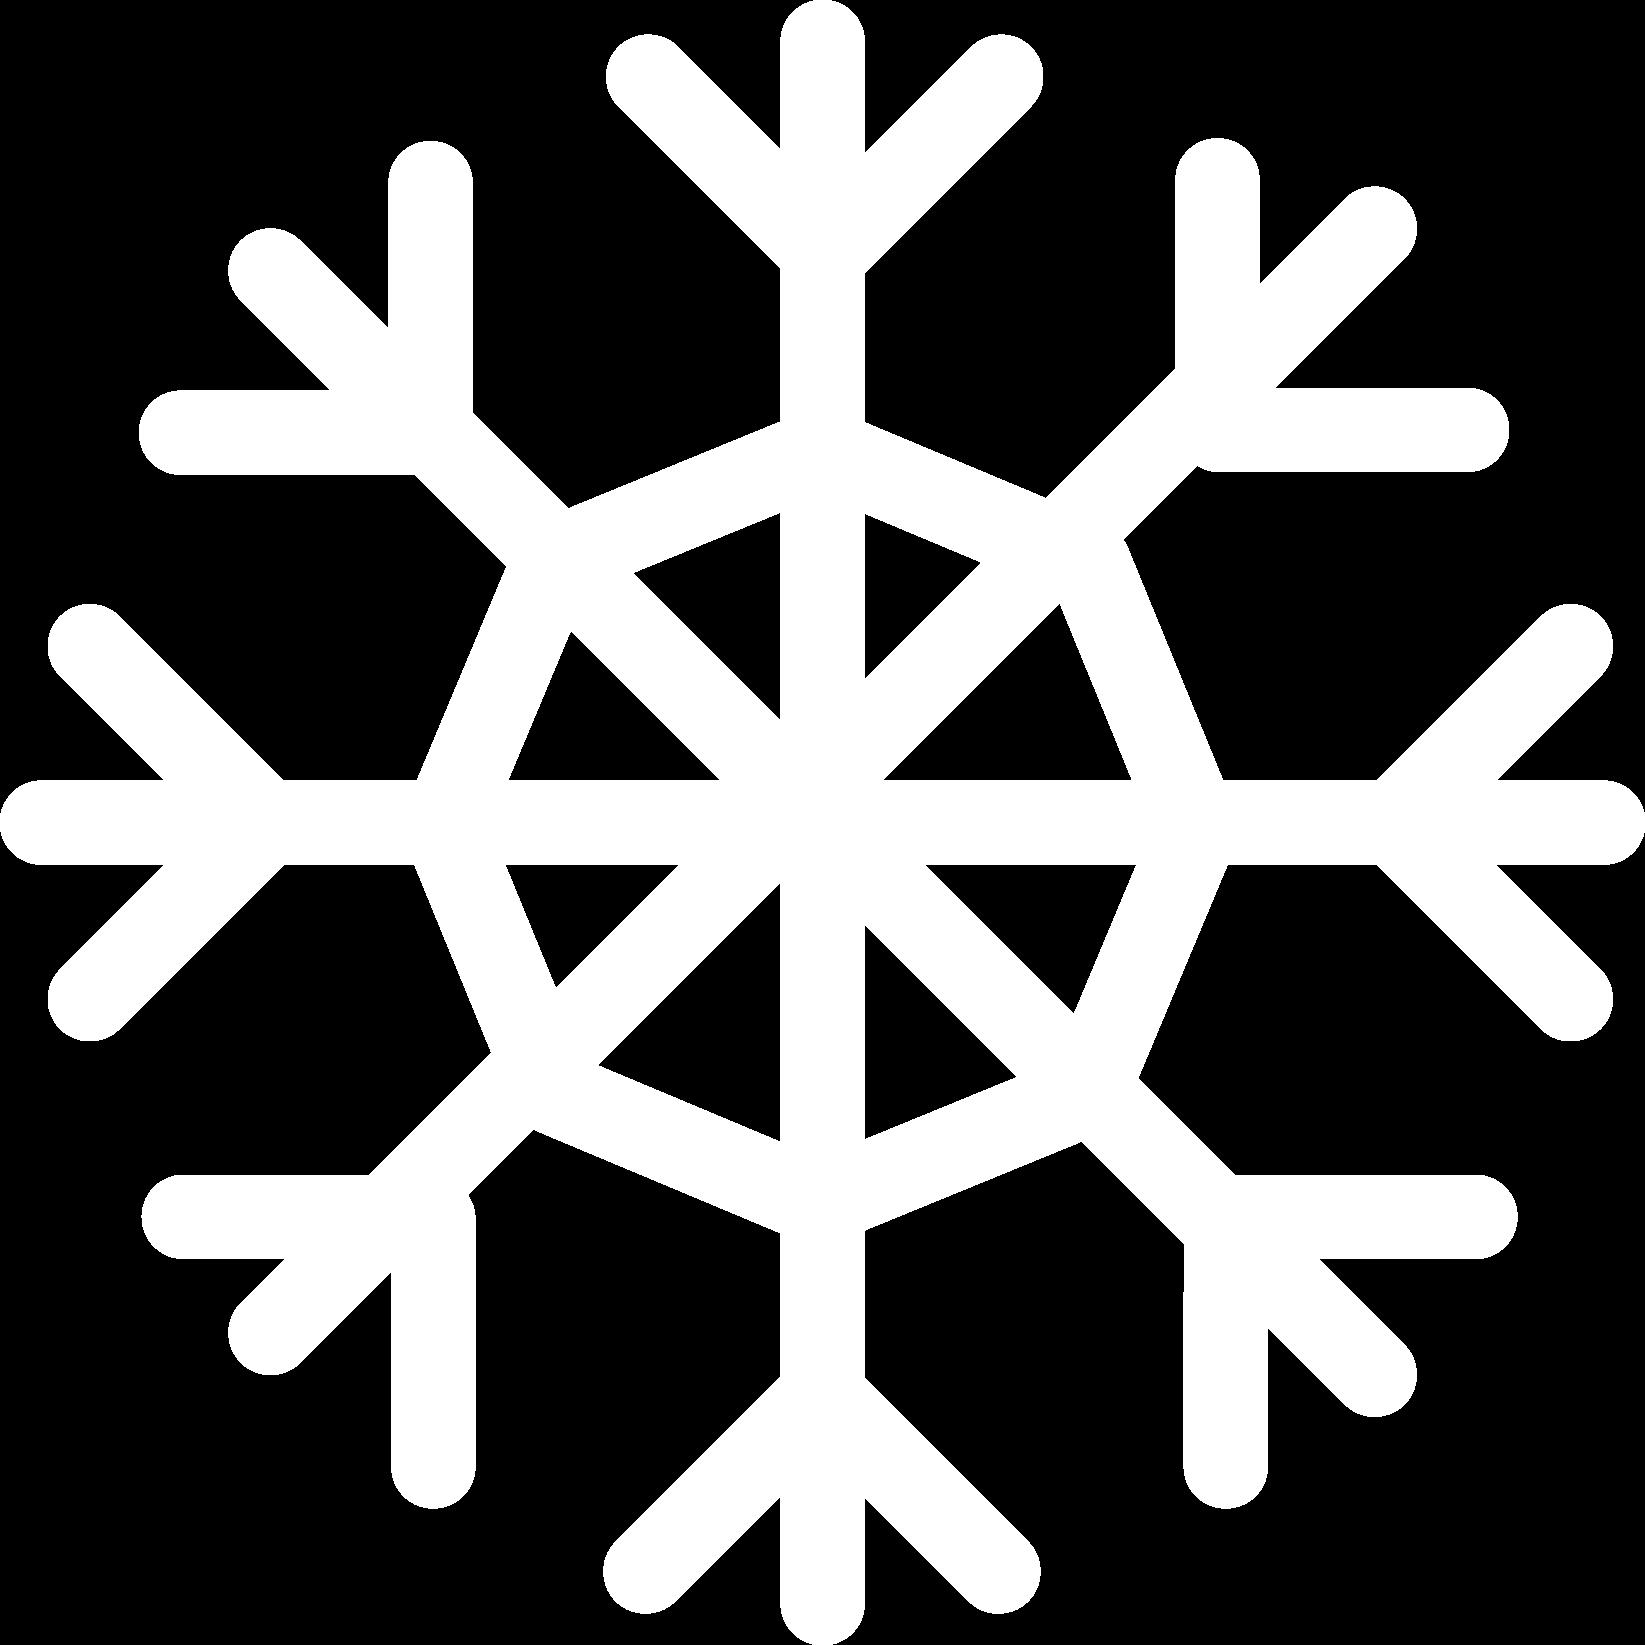 Snowflake_wht_rgb